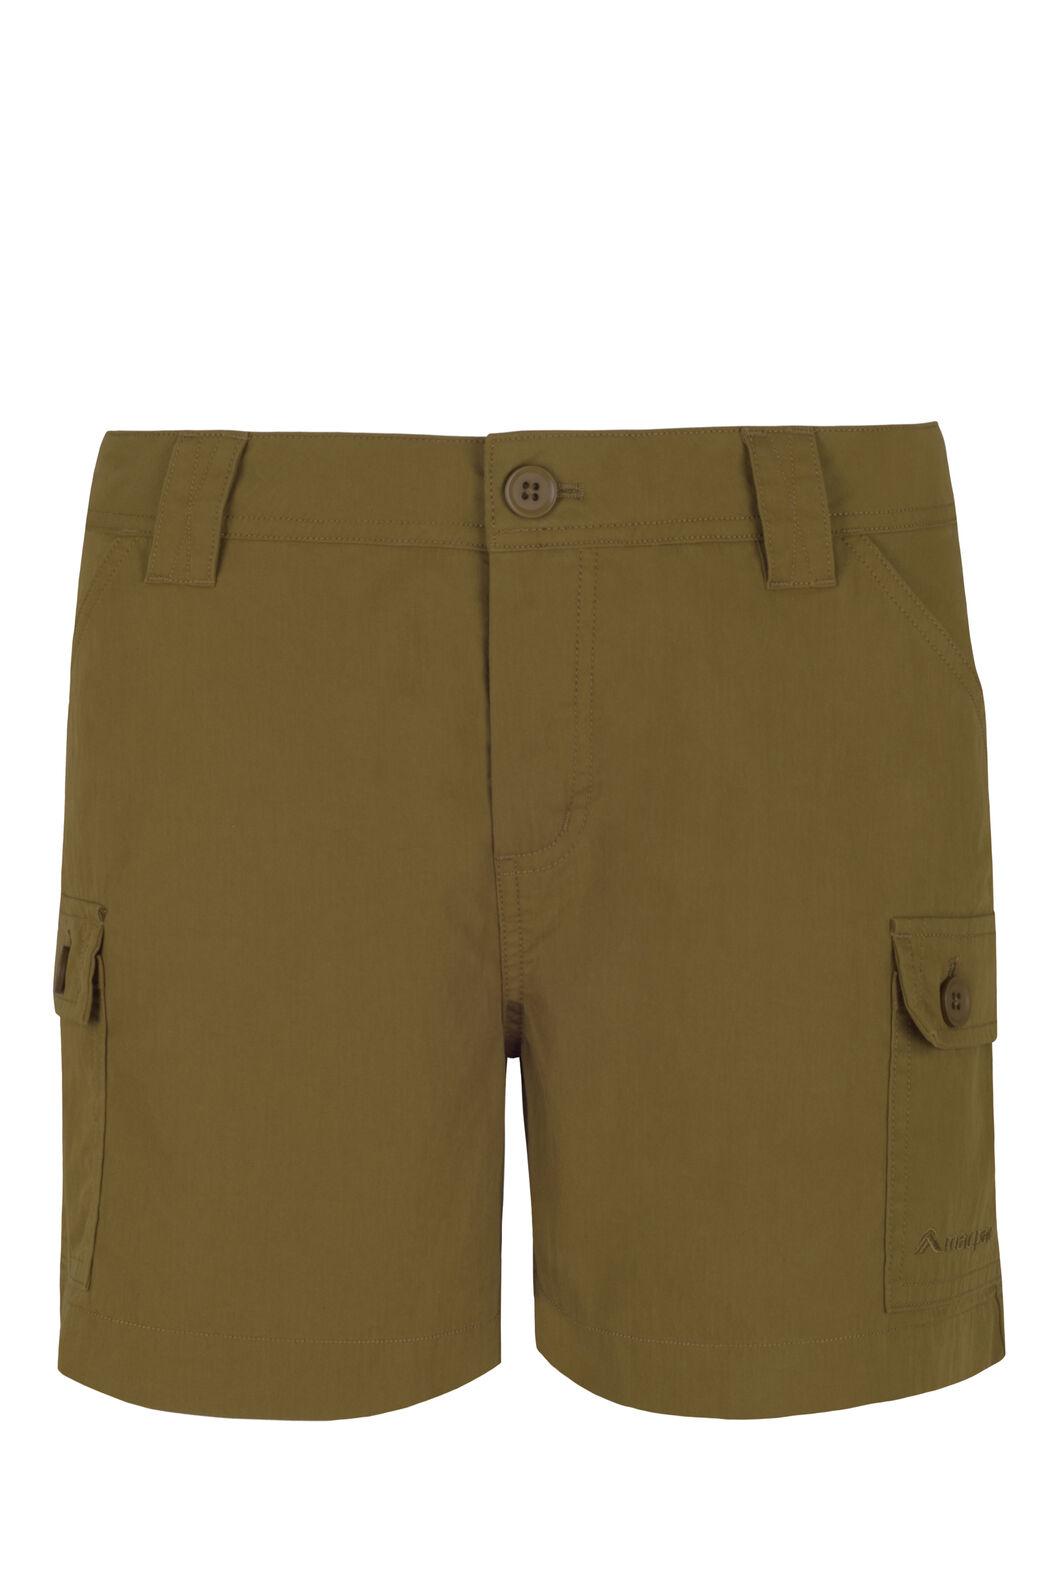 Macpac Matrix Shorts - Women's, Breen, hi-res